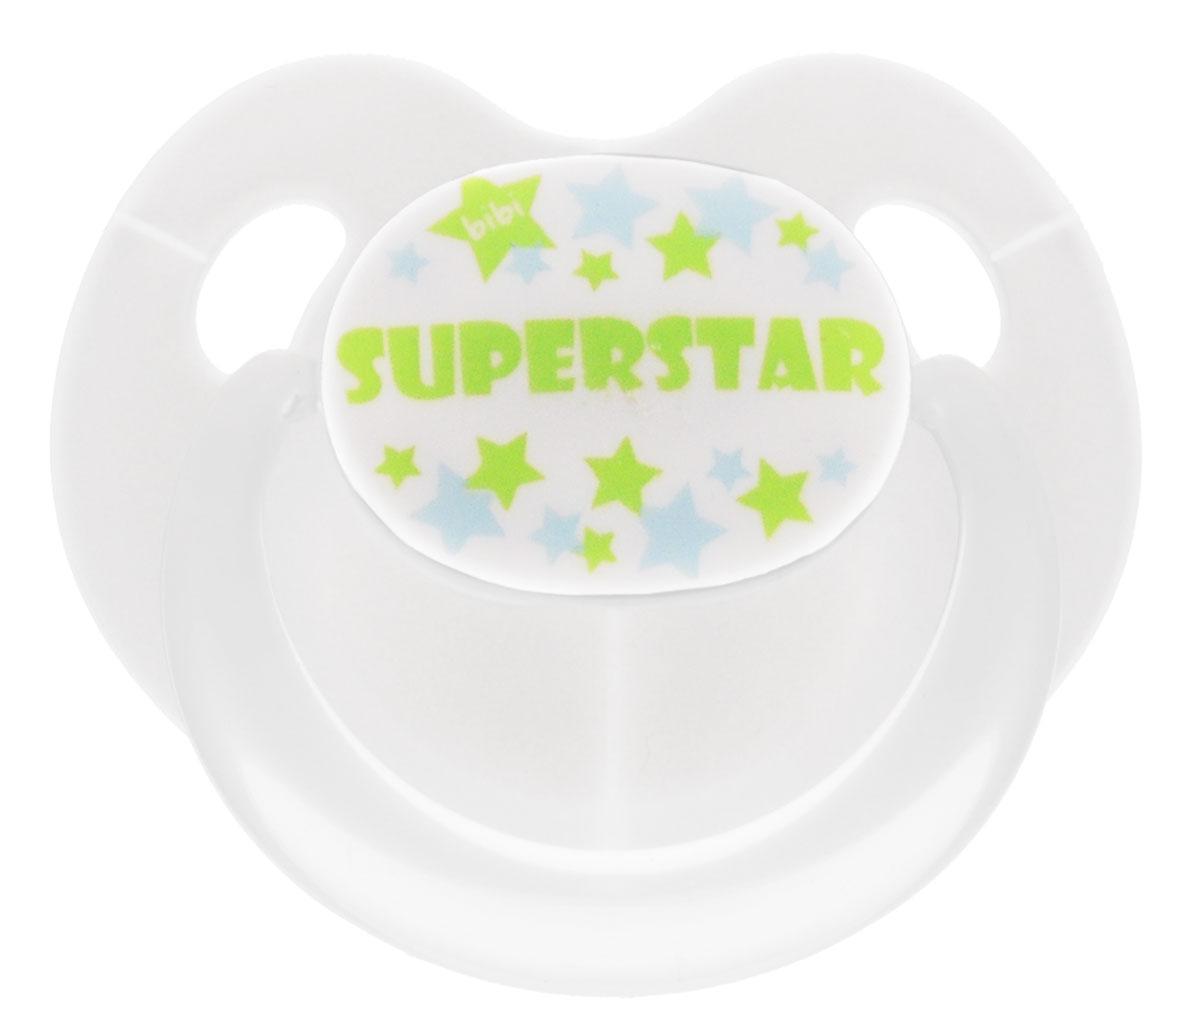 Bibi Пустышка силиконовая Dental Superstar от 0 до 6 месяцев